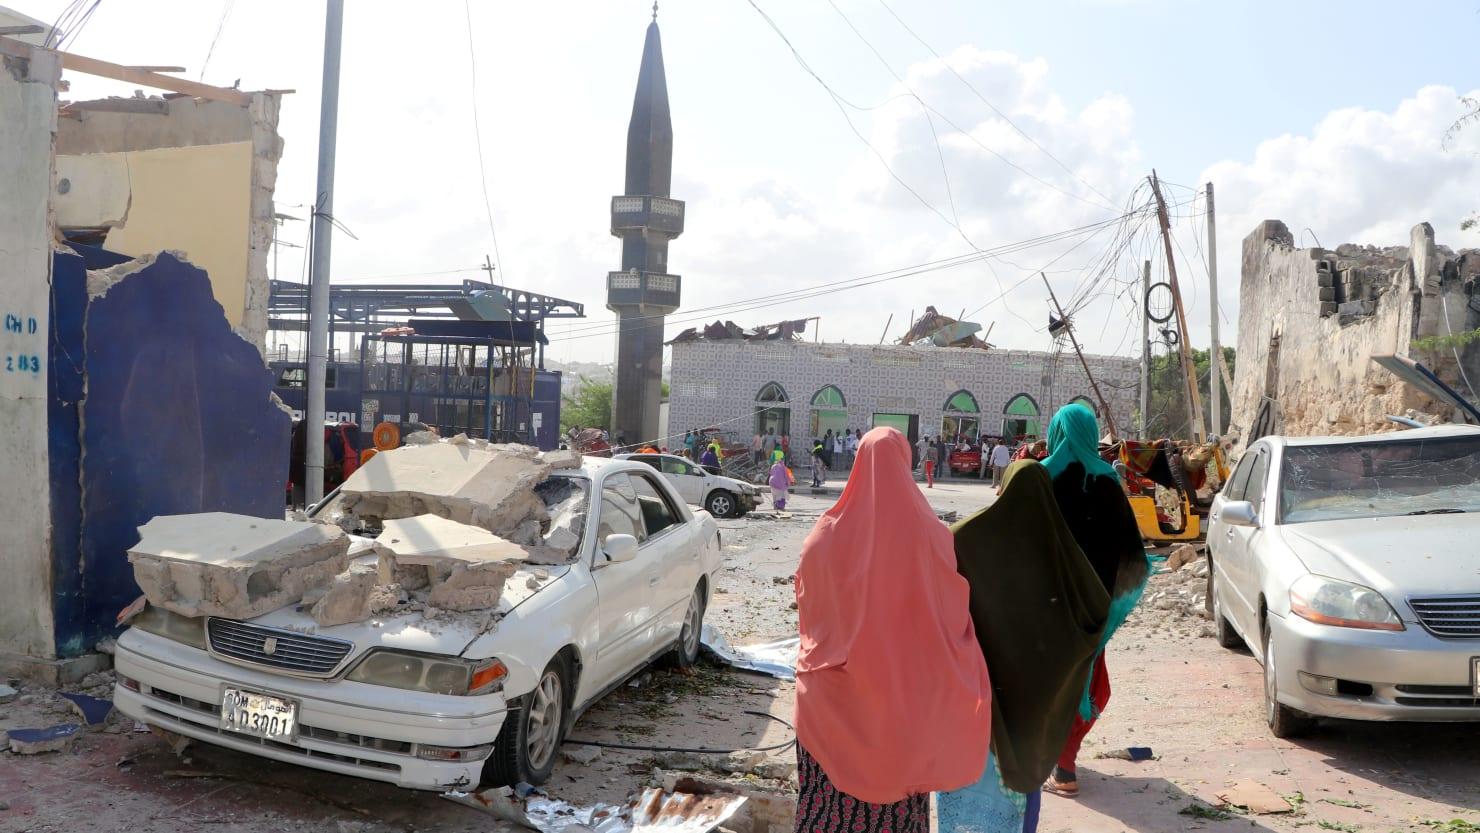 8 Dead, Scores Inured in Twin Attacks in Mogadishu, Somalia